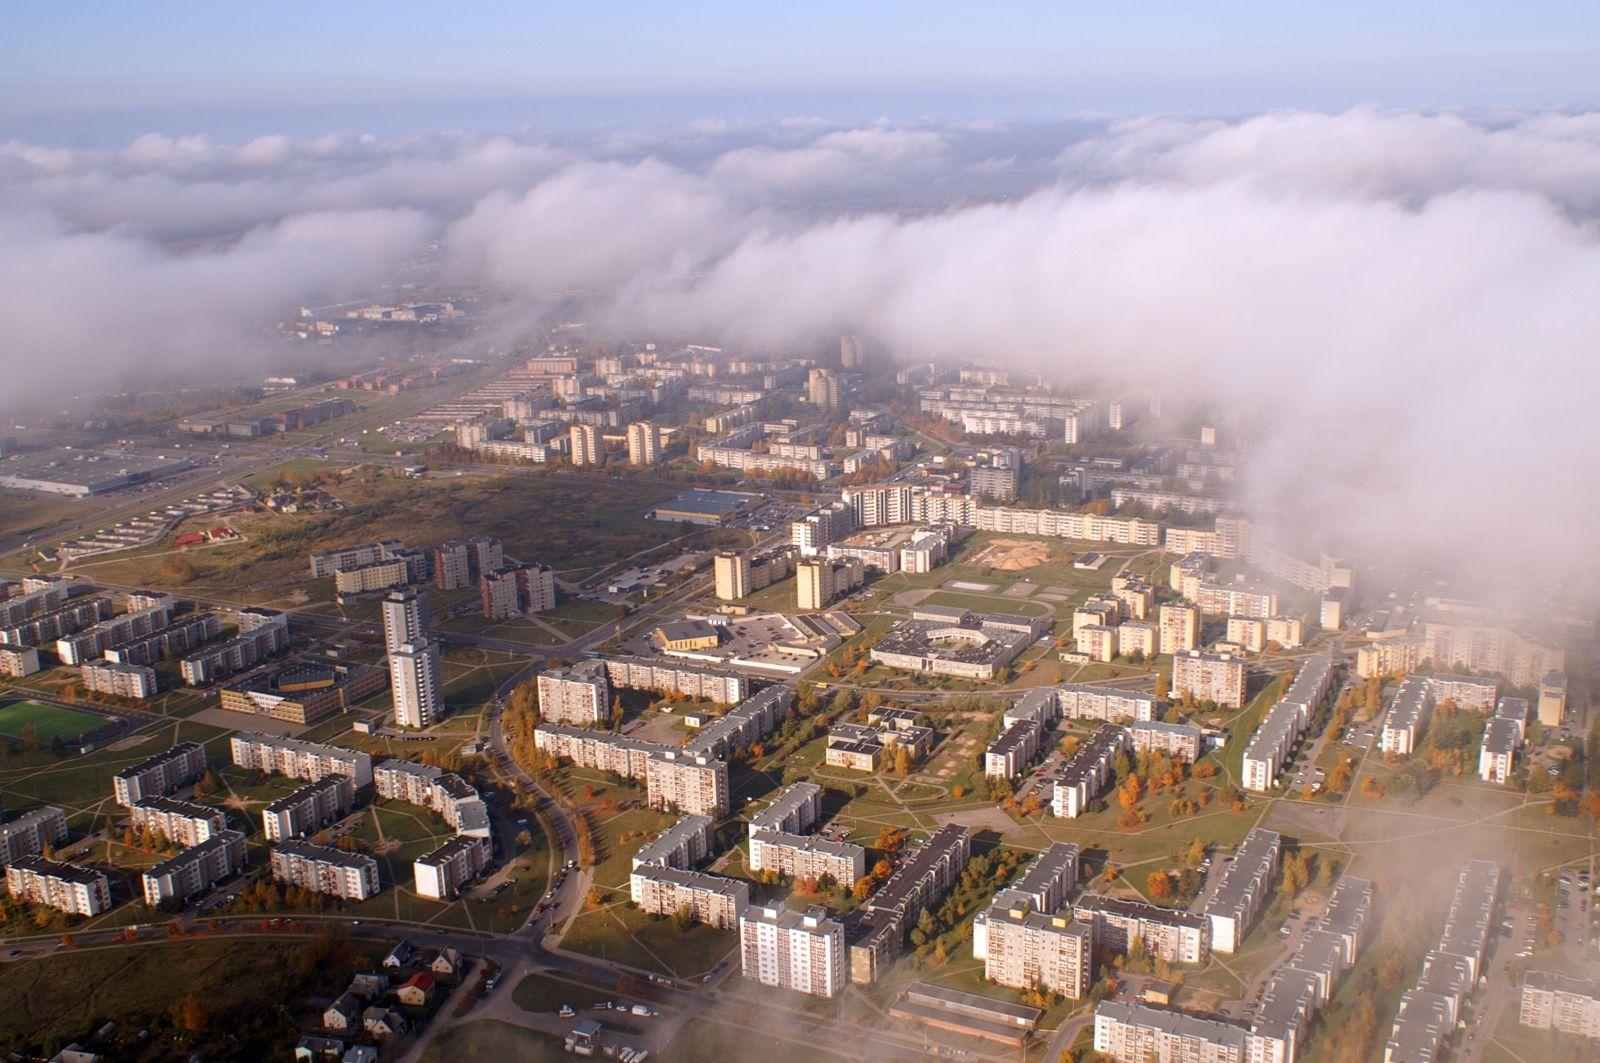 пвх цифровой фото города паневежис будет неполным без